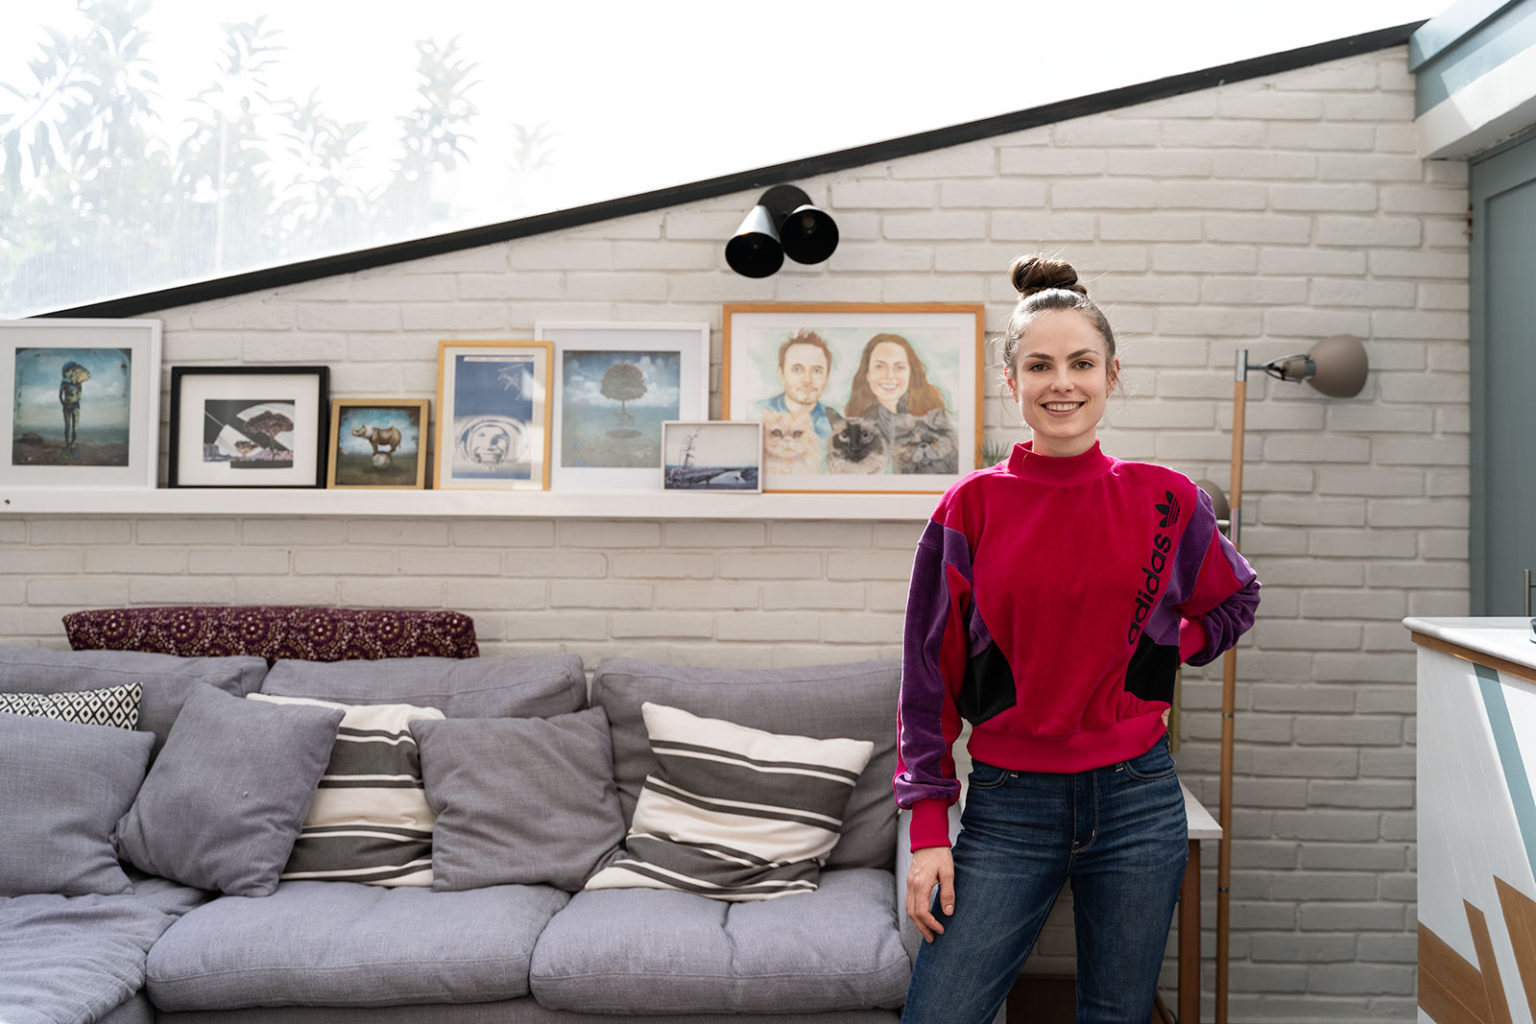 Ashley Dobrovic, Former TV Stylist & full-time mom